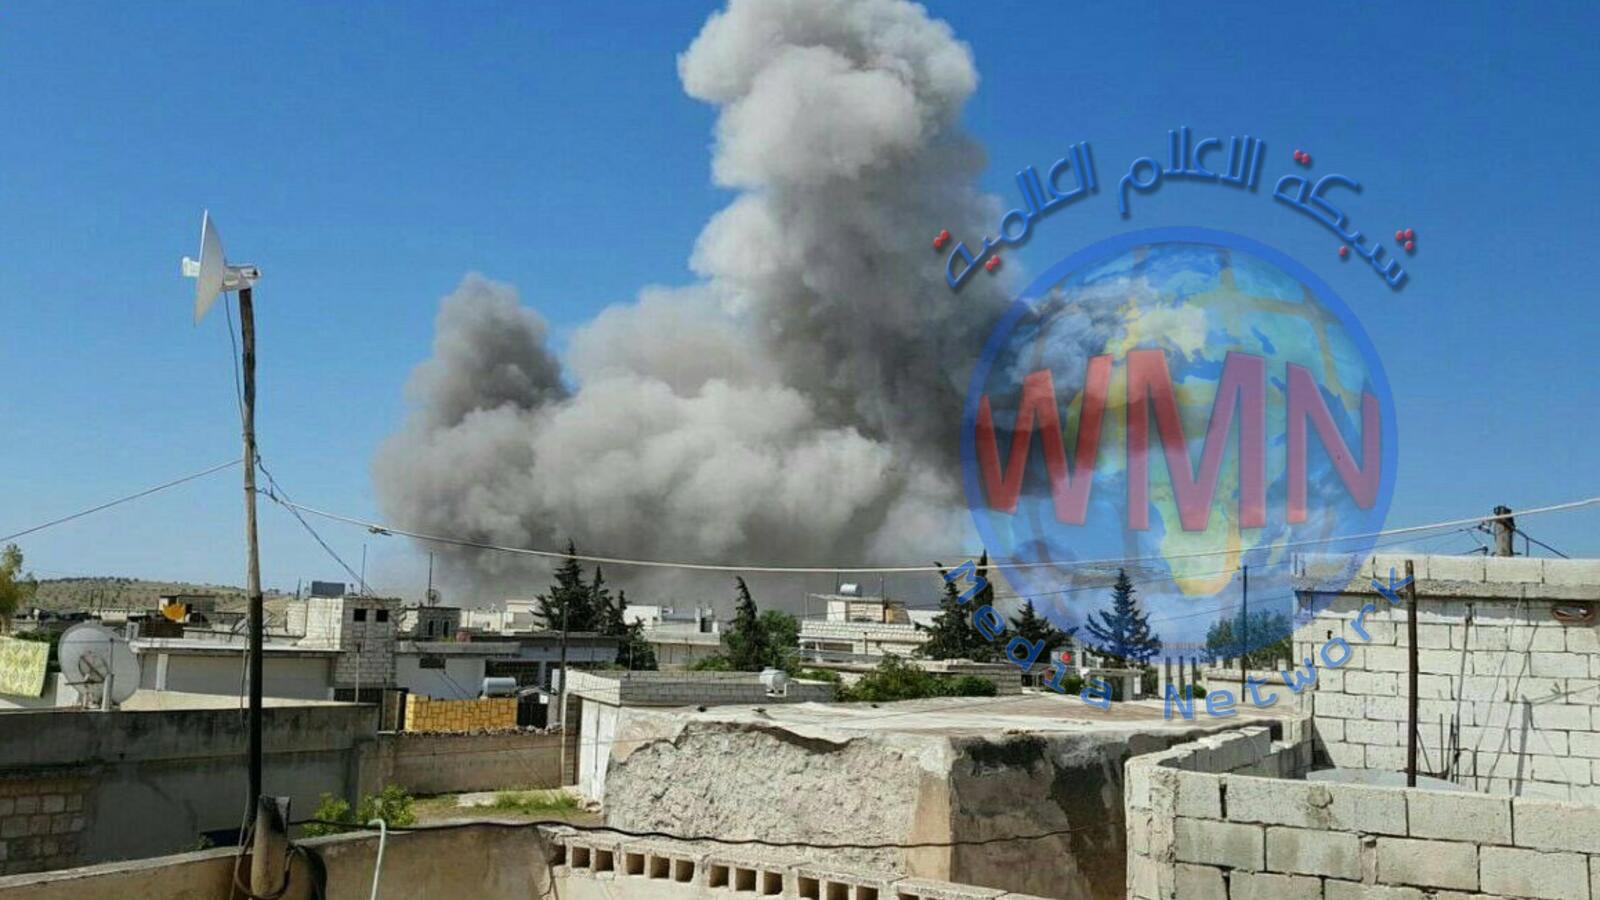 معظمهم اطفال ونساء: 7 قتلى بقصف للنظام على إدلب